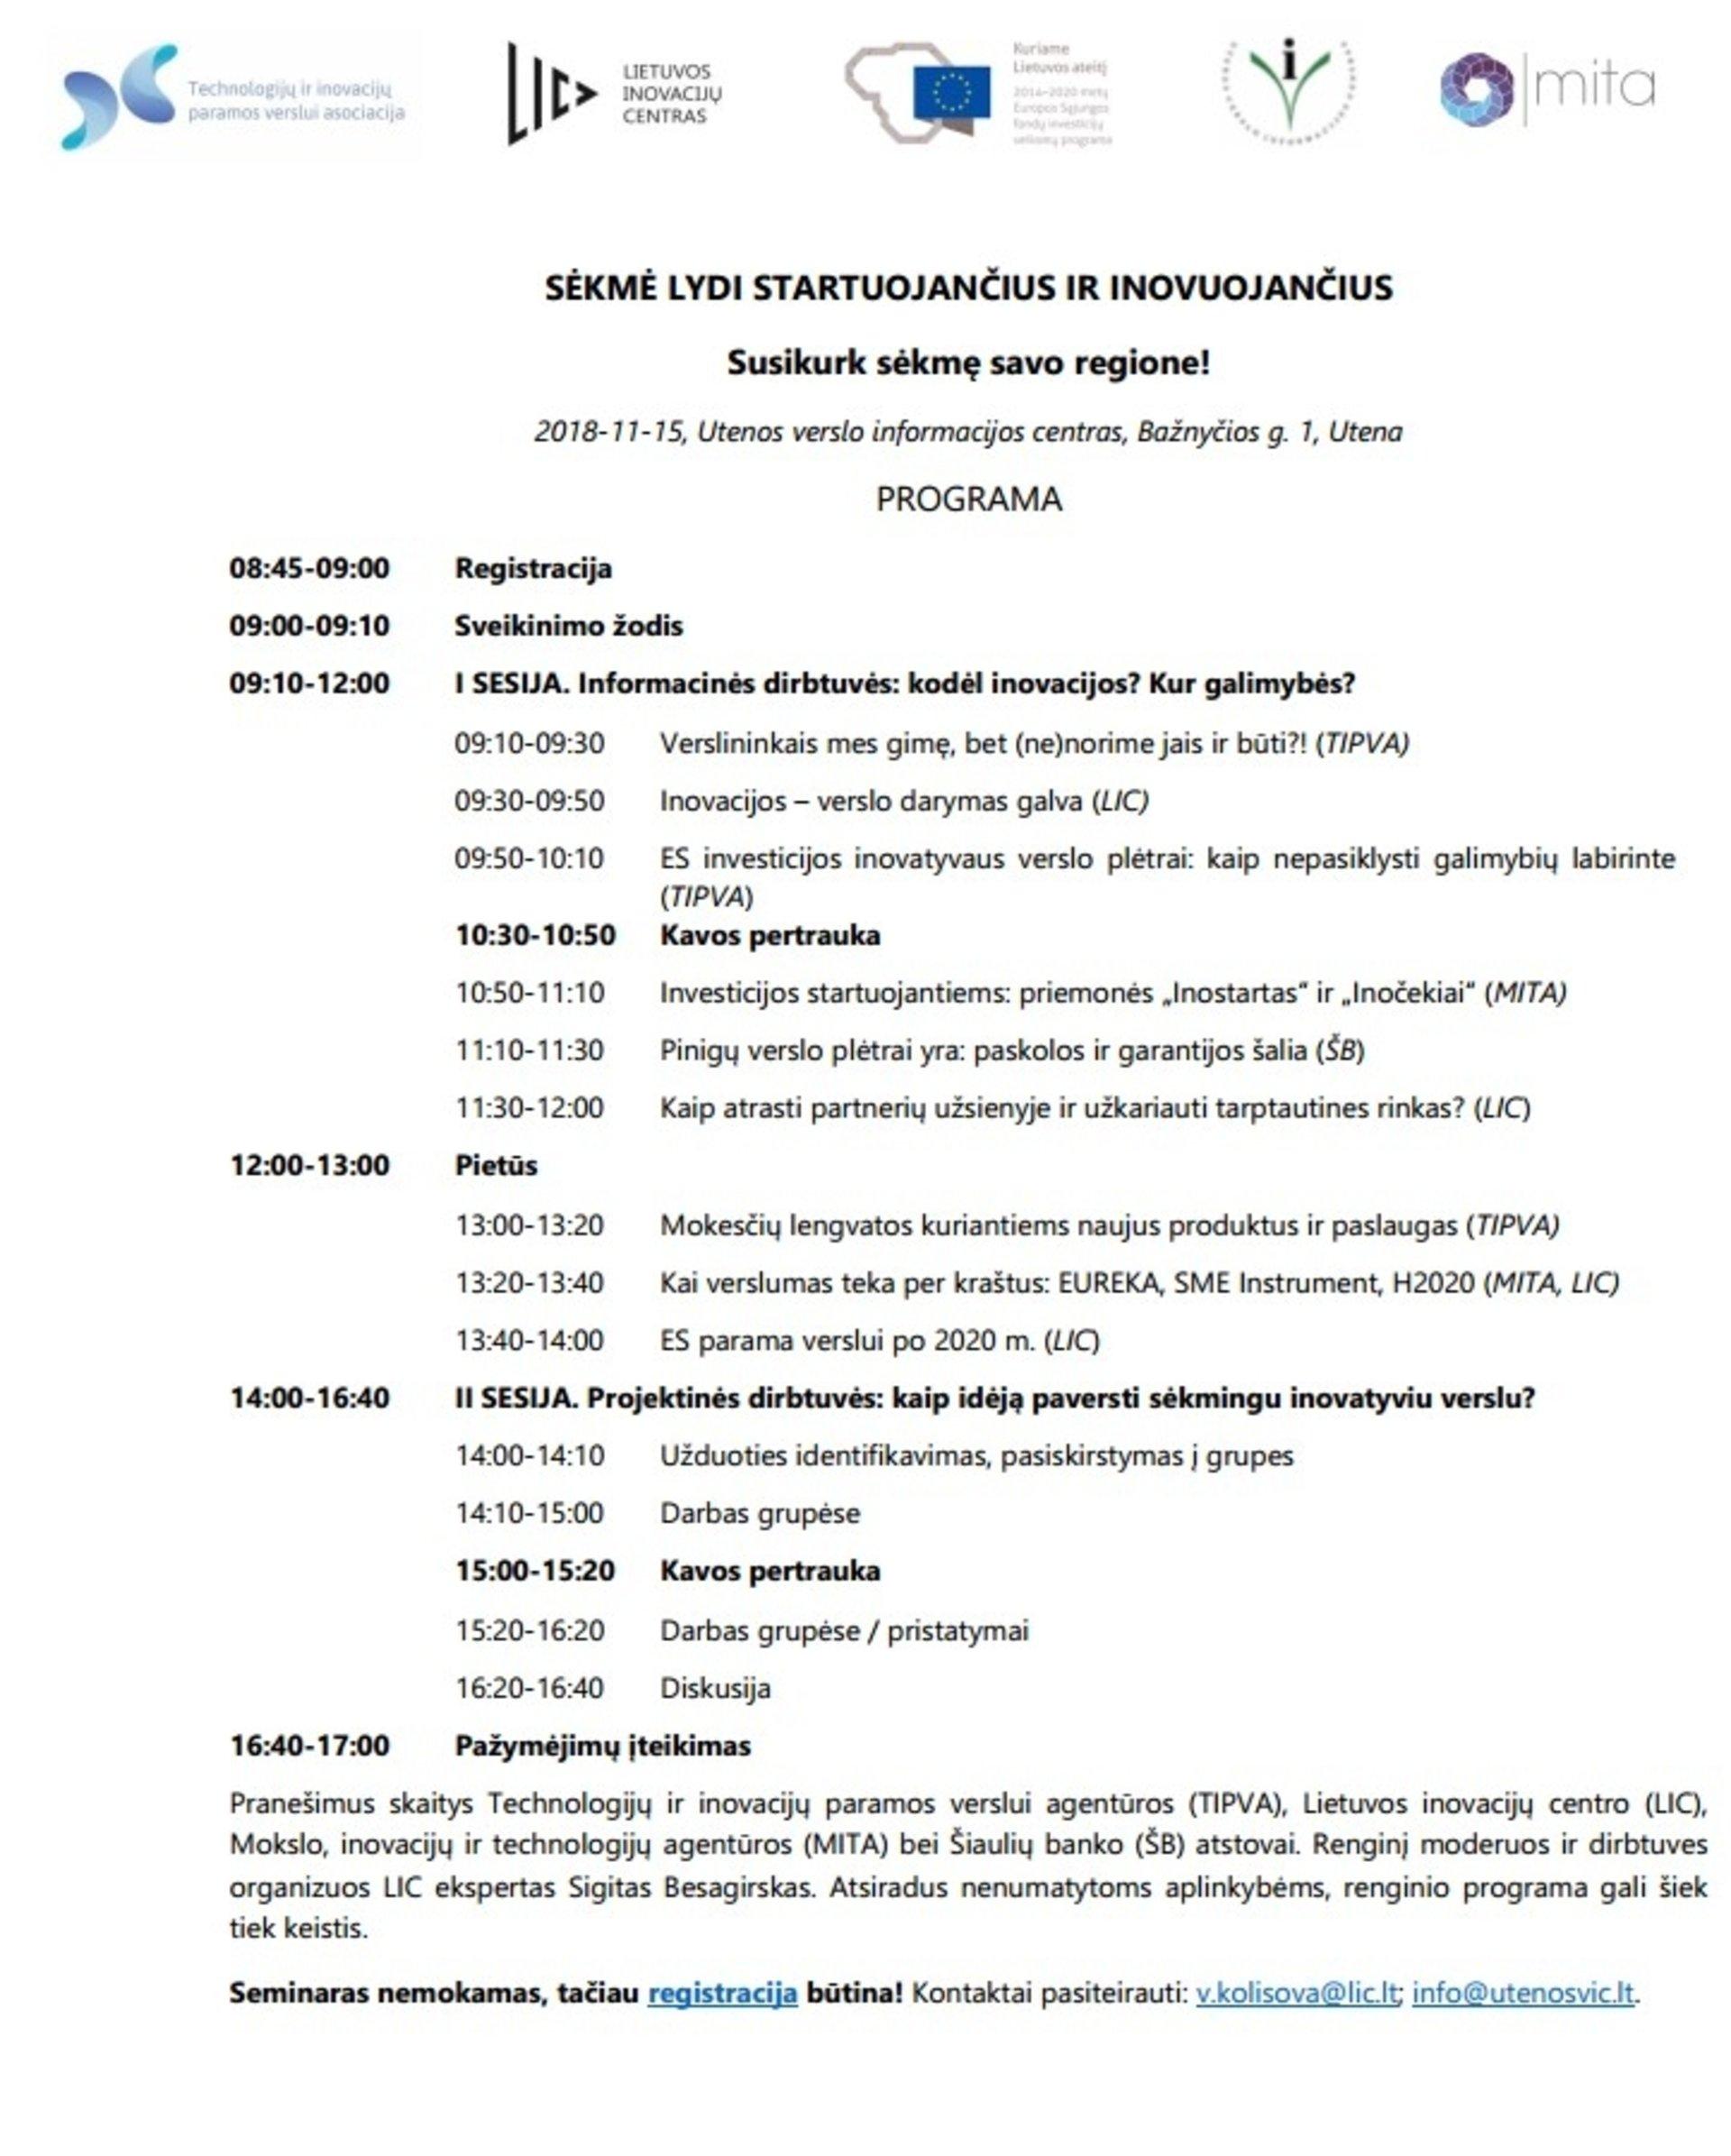 Seminaras: Sėkmė lydi startuojančius ir inovuojančius